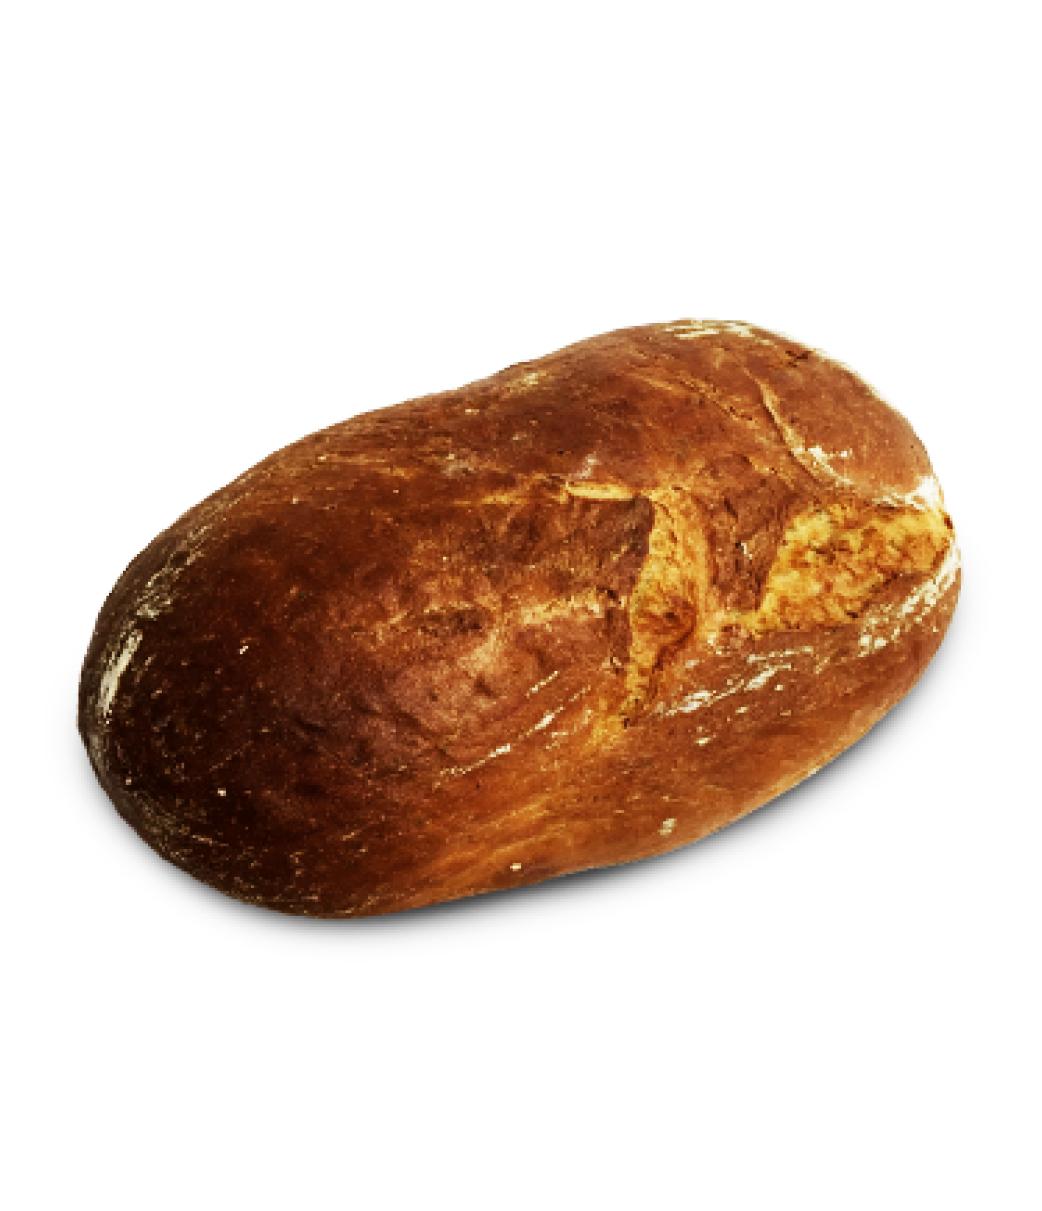 Sedliacky podmaslový chlieb